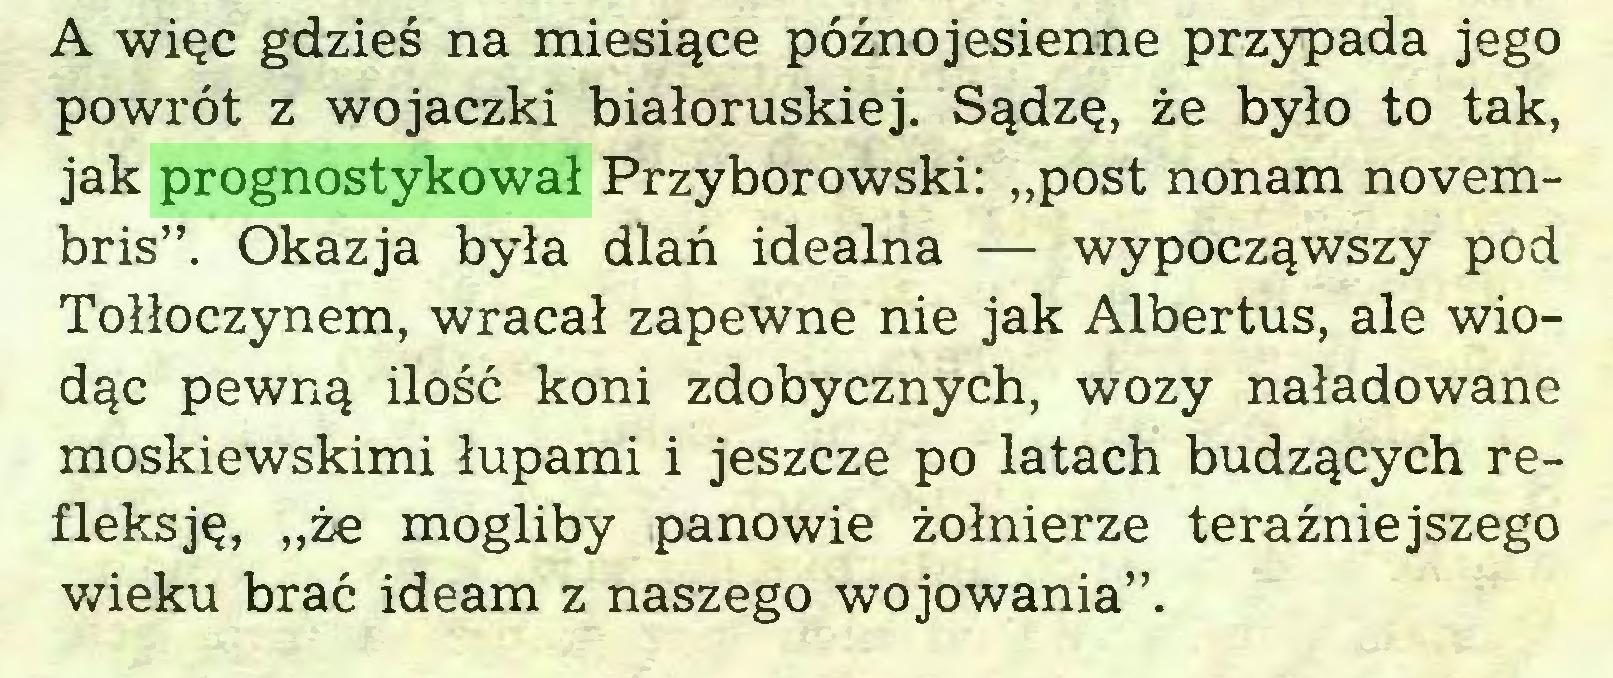 """(...) A więc gdzieś na miesiące późnojesienne przypada jego powrót z wojaczki białoruskiej. Sądzę, że było to tak, jak prognostykował Przyborowski: """"post nonam novembris"""". Okazja była dlań idealna — wypocząwszy pod Tołłoczynem, wracał zapewne nie jak Albertus, ale wiodąc pewną ilość koni zdobycznych, wozy naładowane moskiewskimi łupami i jeszcze po latach budzących refleksję, """"że mogliby panowie żołnierze teraźniejszego wieku brać ideam z naszego wojowania""""..."""